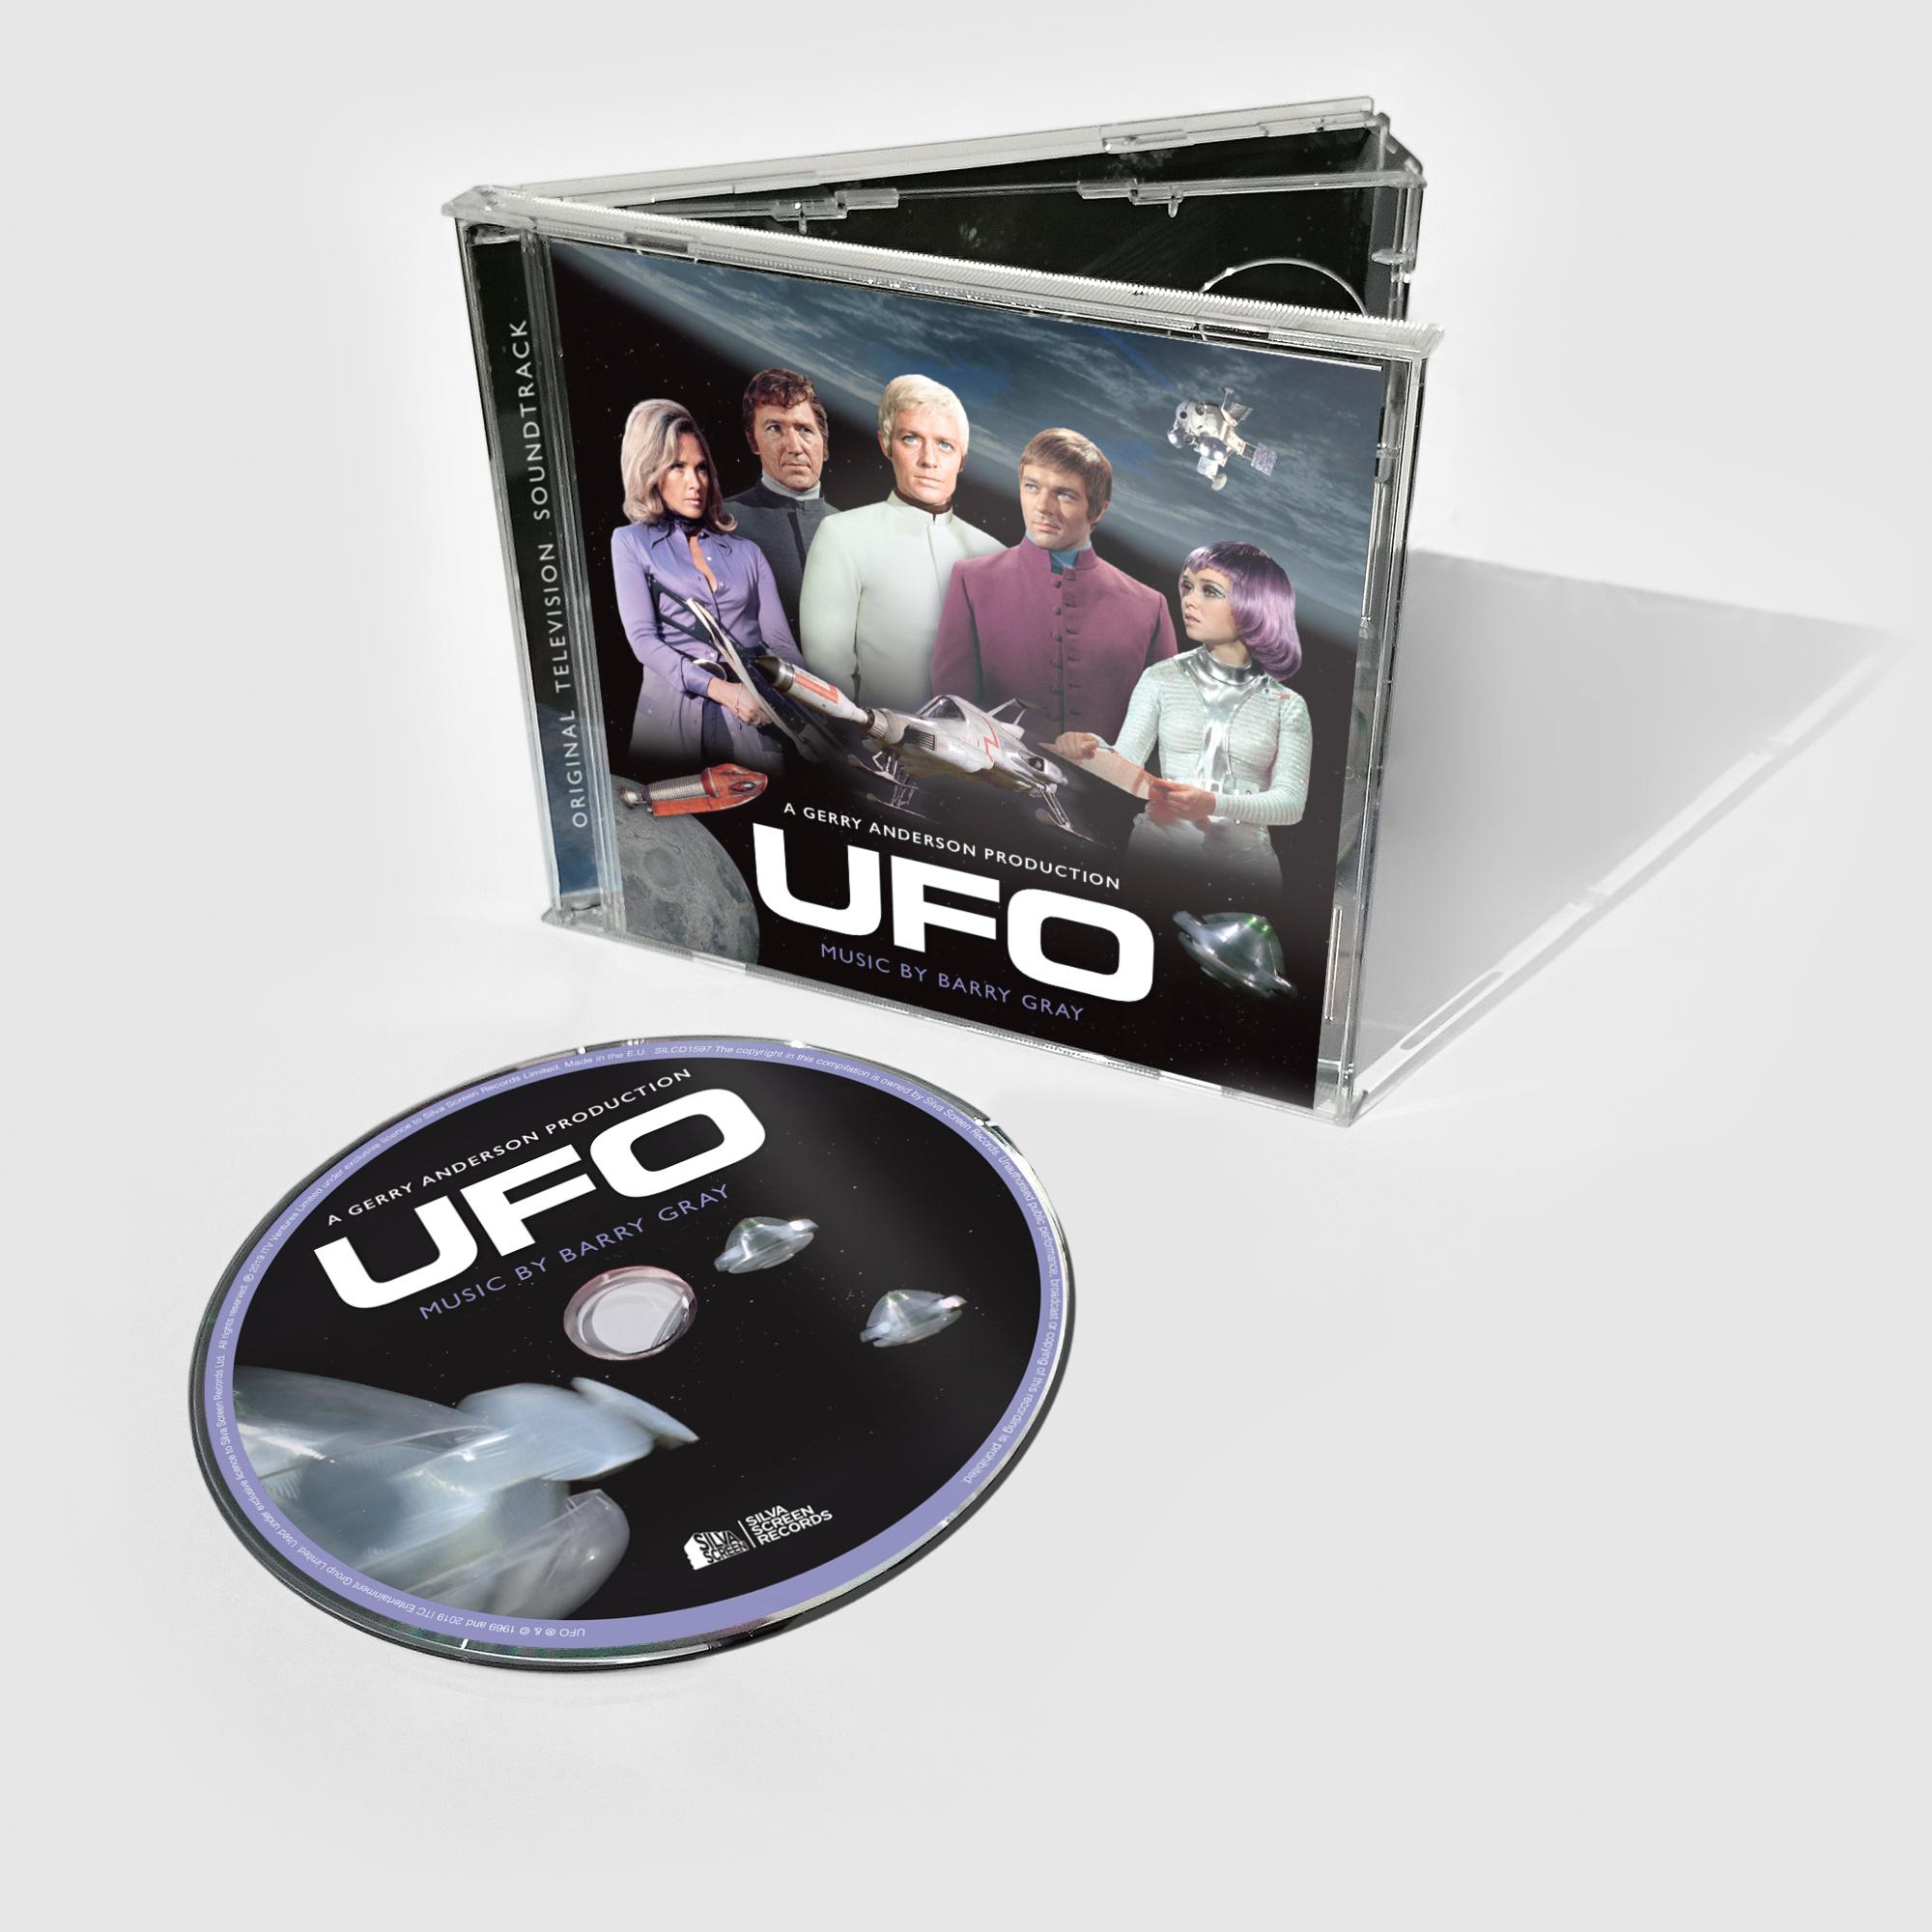 UFO: Original TV Soundtrack (CD) - Barry Gray